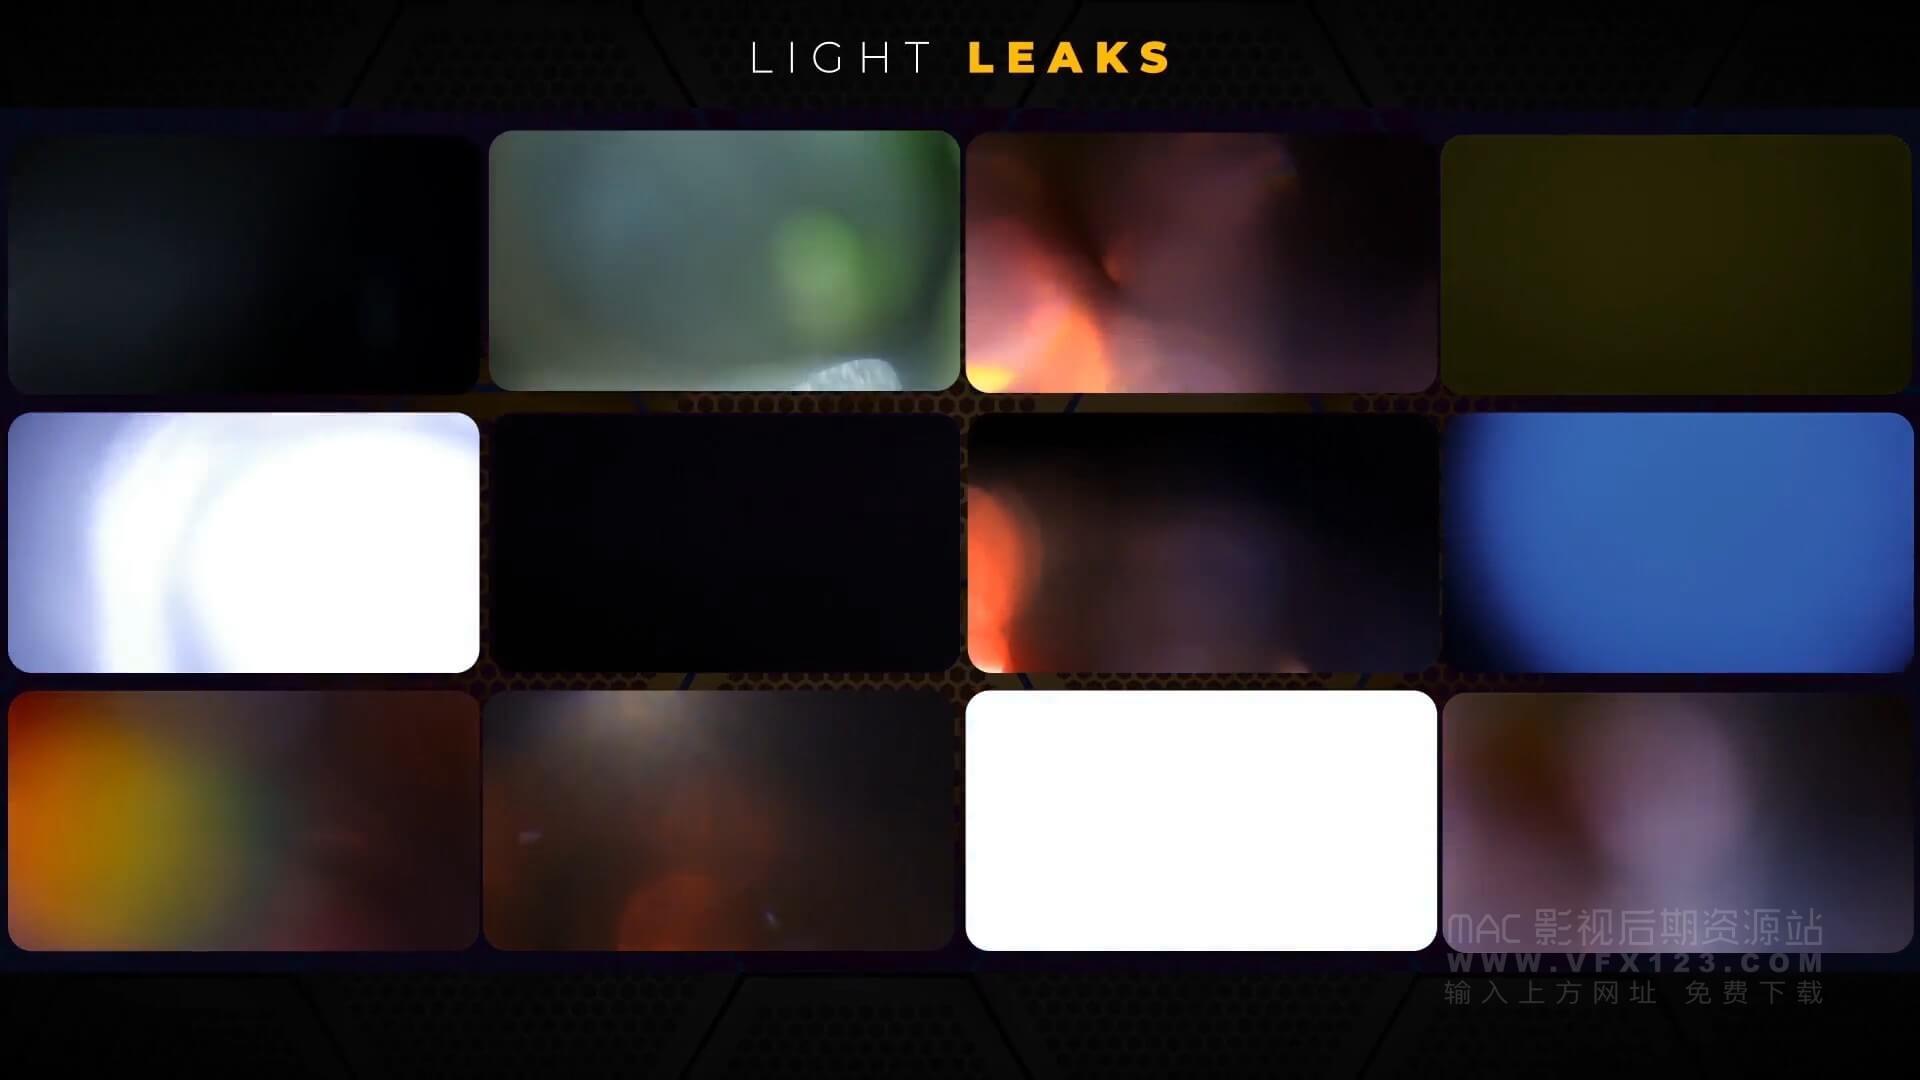 AE模板 500+转场集合包 含镜头图形闪光干扰网格水墨线条光晕运动效果+音效素材